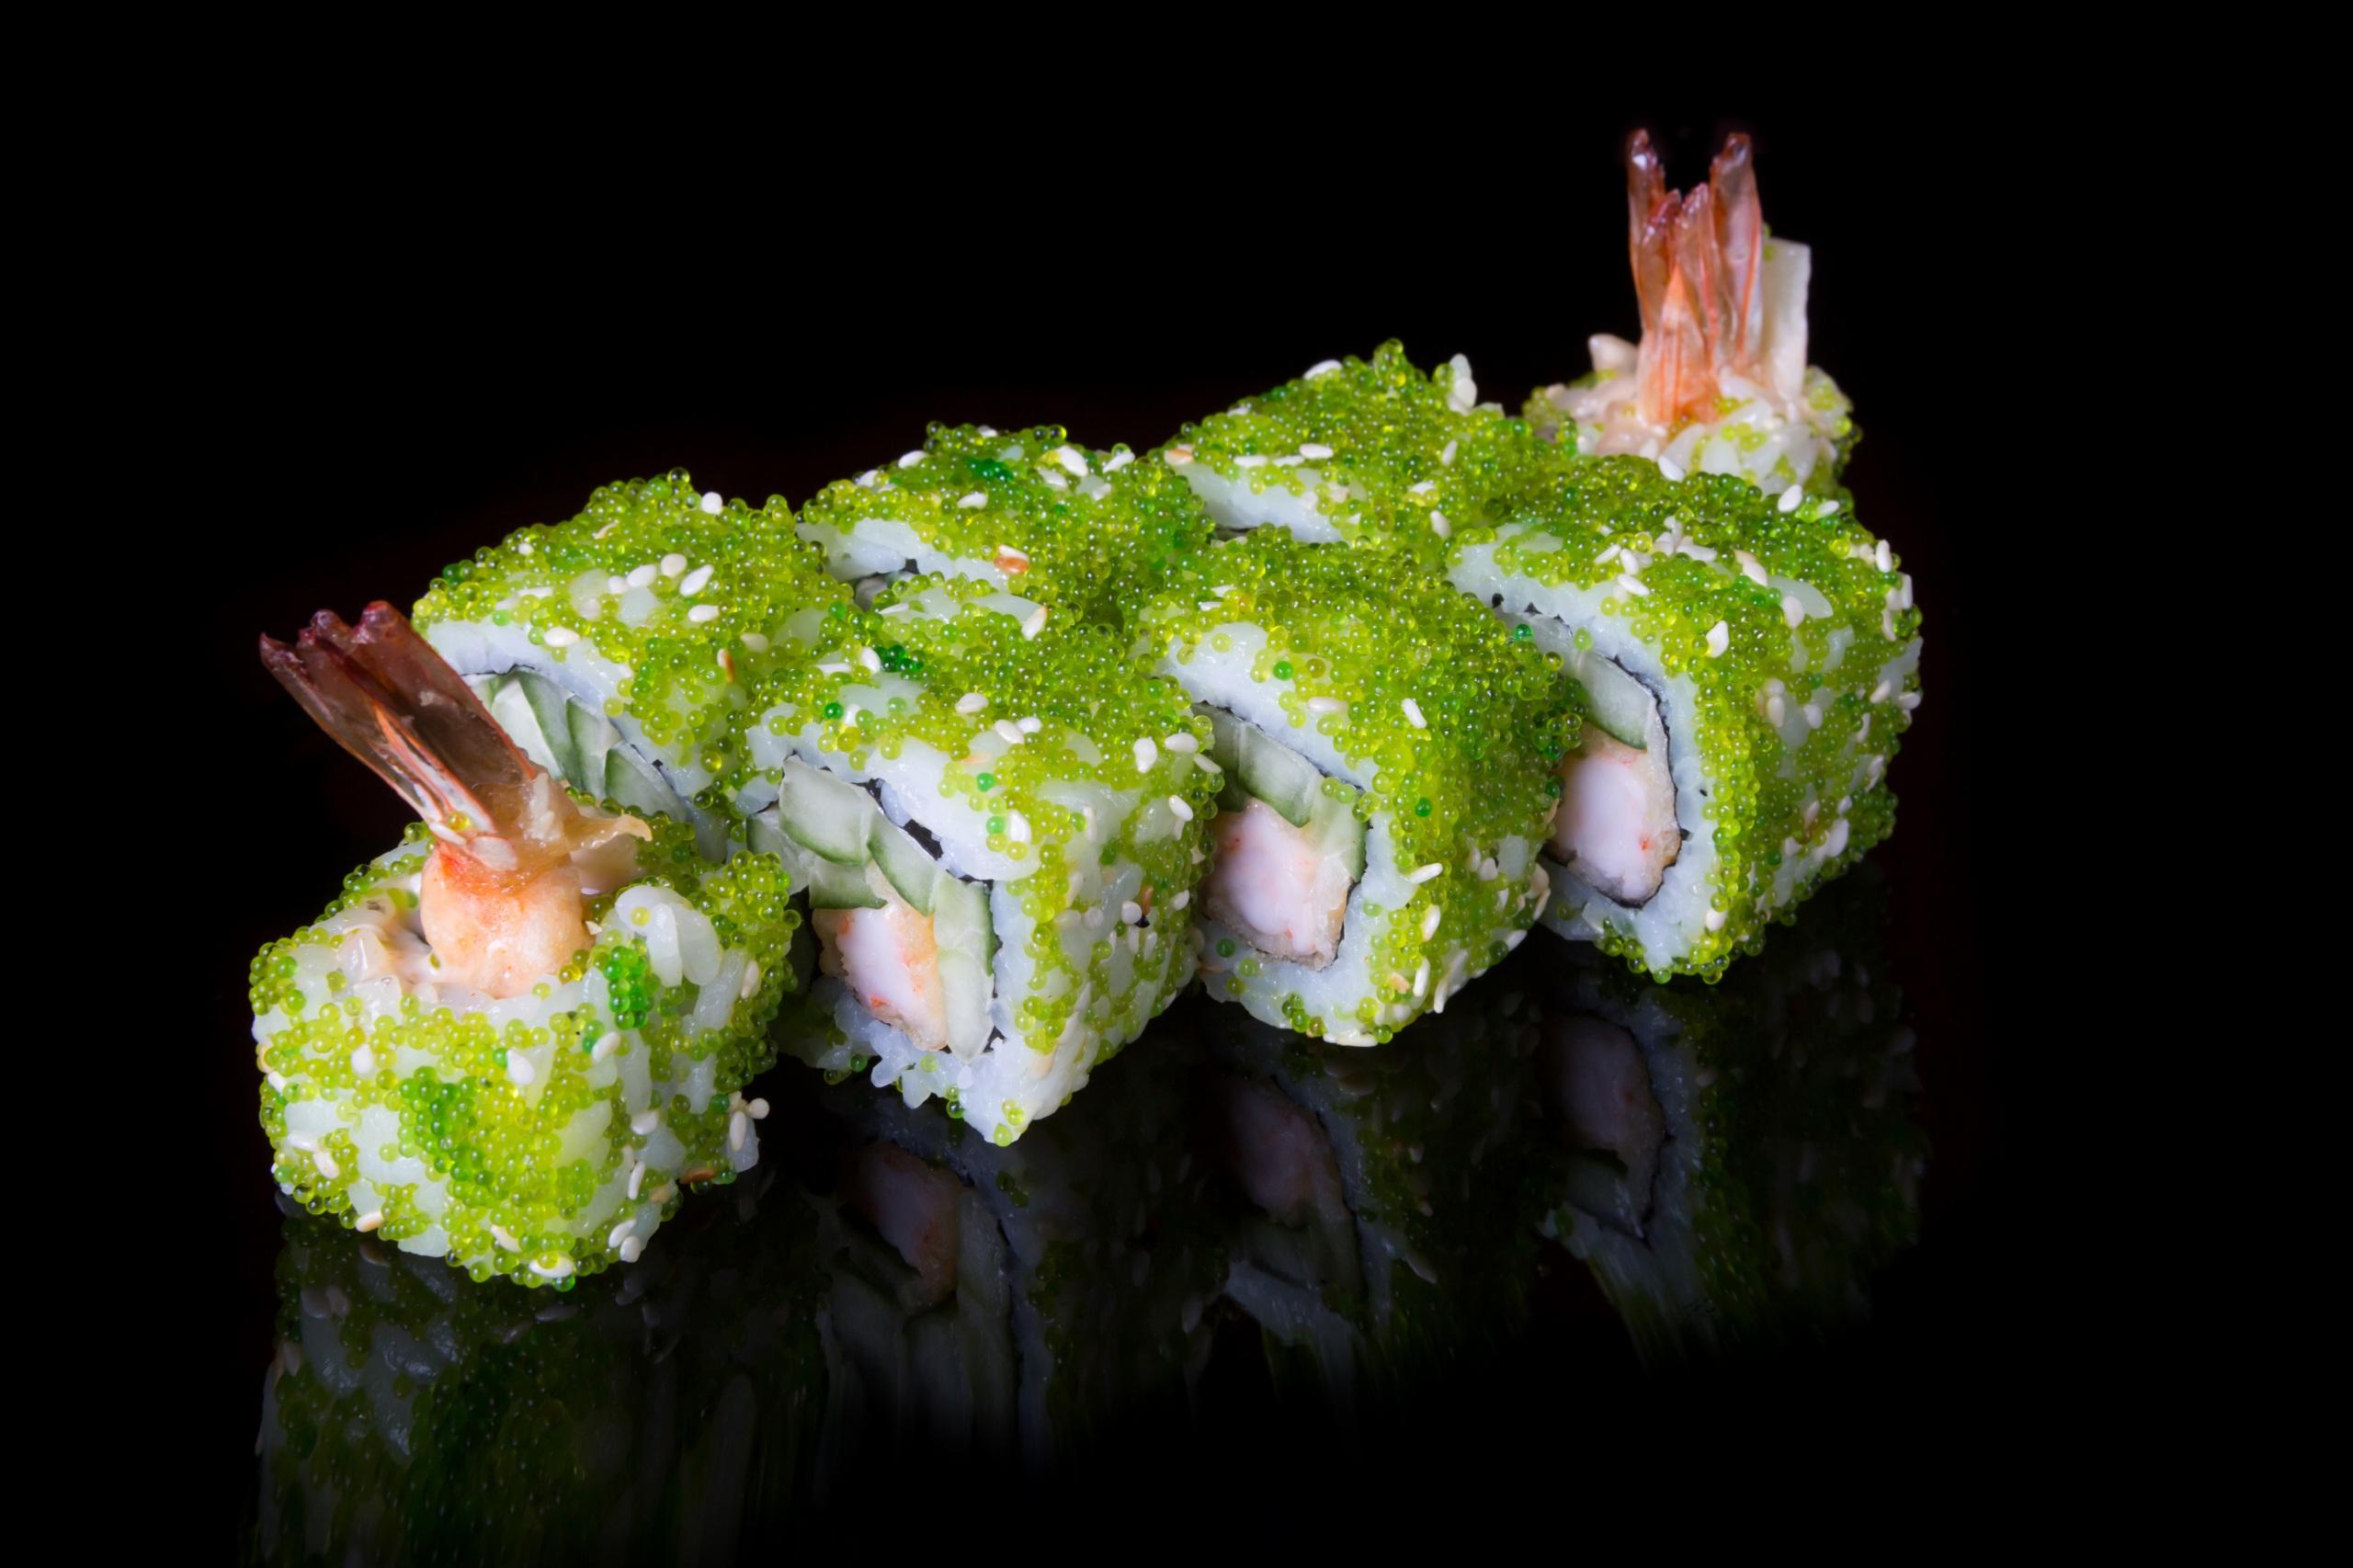 Обои для рабочего стола суси Пища Черный фон Морепродукты 2560x1706 Суши Еда Продукты питания на черном фоне